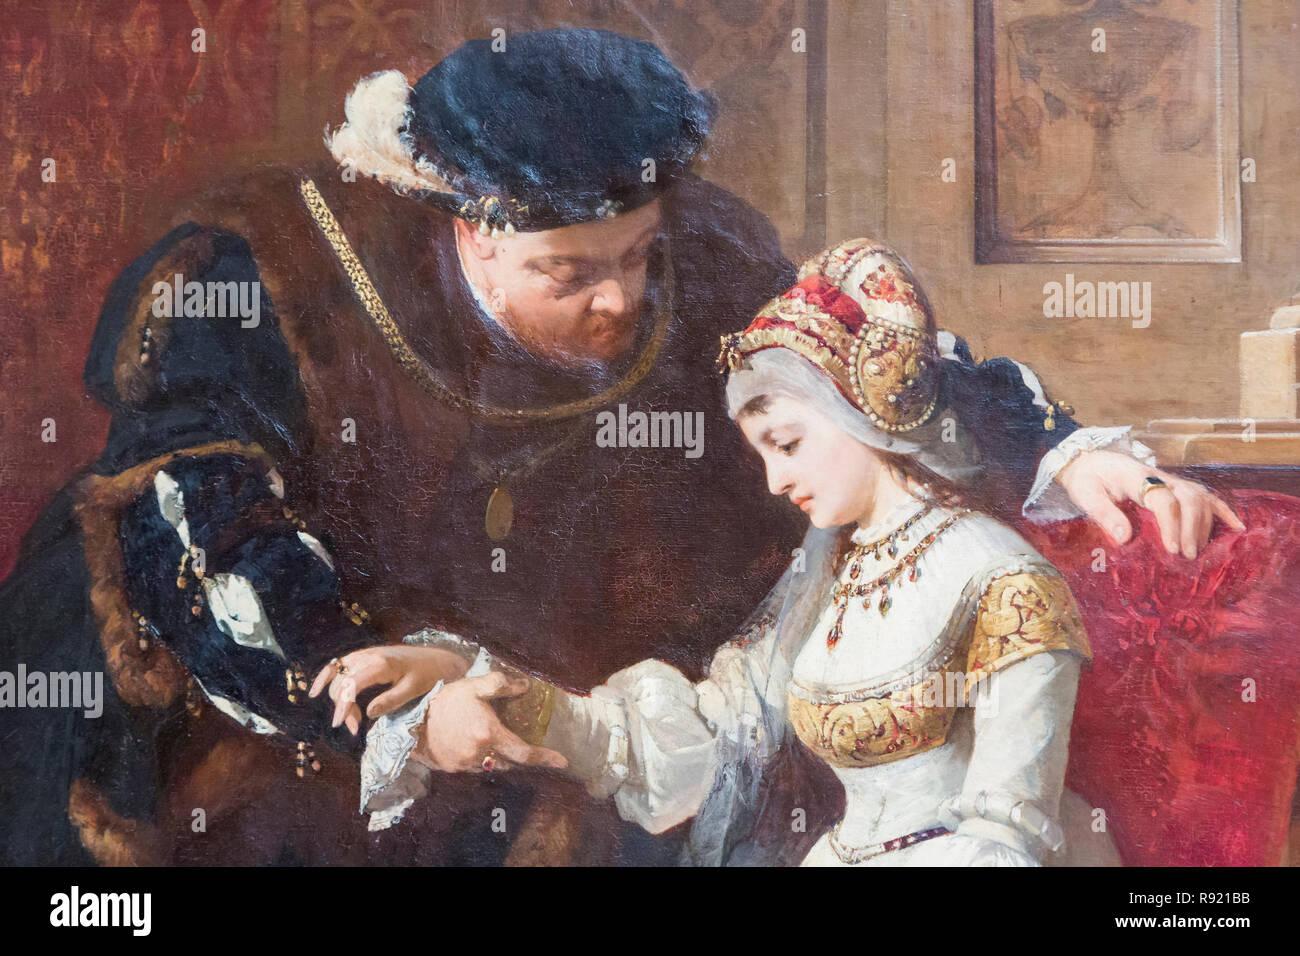 Primera reunión entre Enrique VIII y Ana Bolena. Enrique VIII, 1491 - 1547. El rey de Inglaterra. Ana Bolena, c. 1501-1536. La reina de Inglaterra como Foto de stock